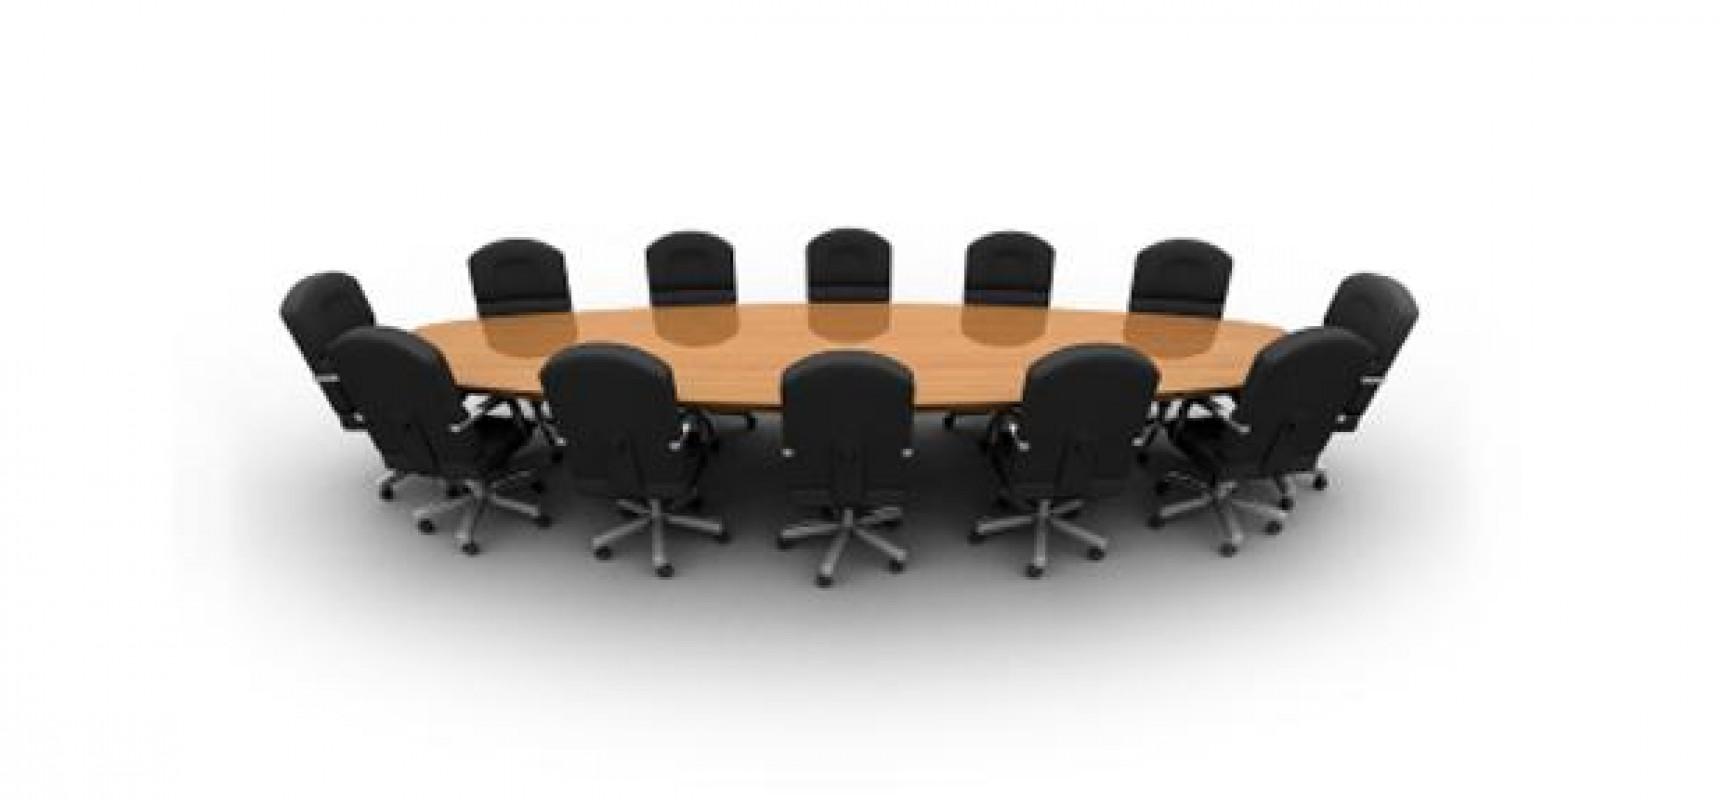 Σύνθεση νέου Δ.Σ. και επιτροπών της Ε.Ο.Τ.